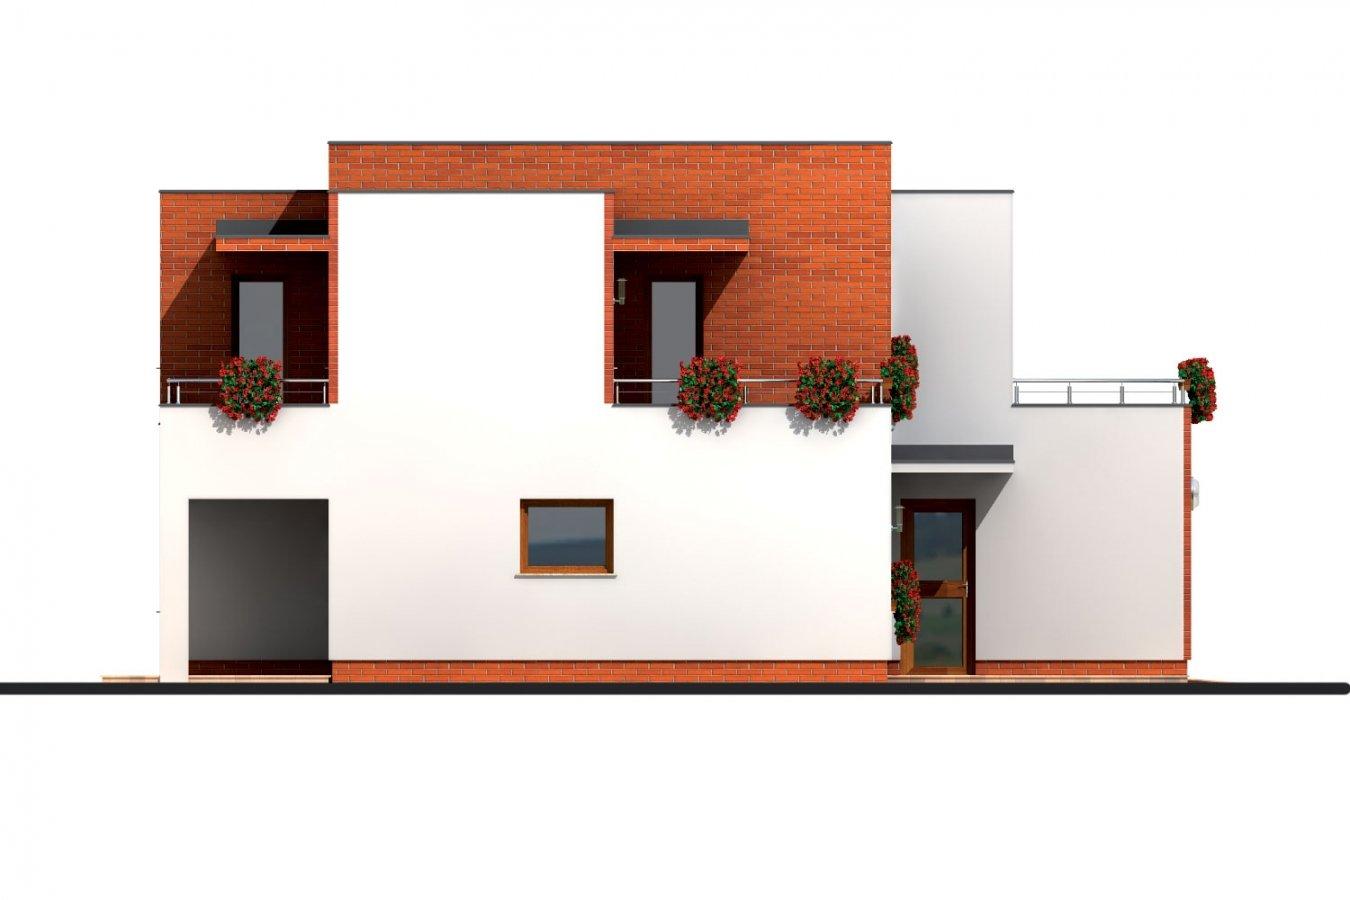 Pohľad 2. - Veľký dom s plochou strechou.